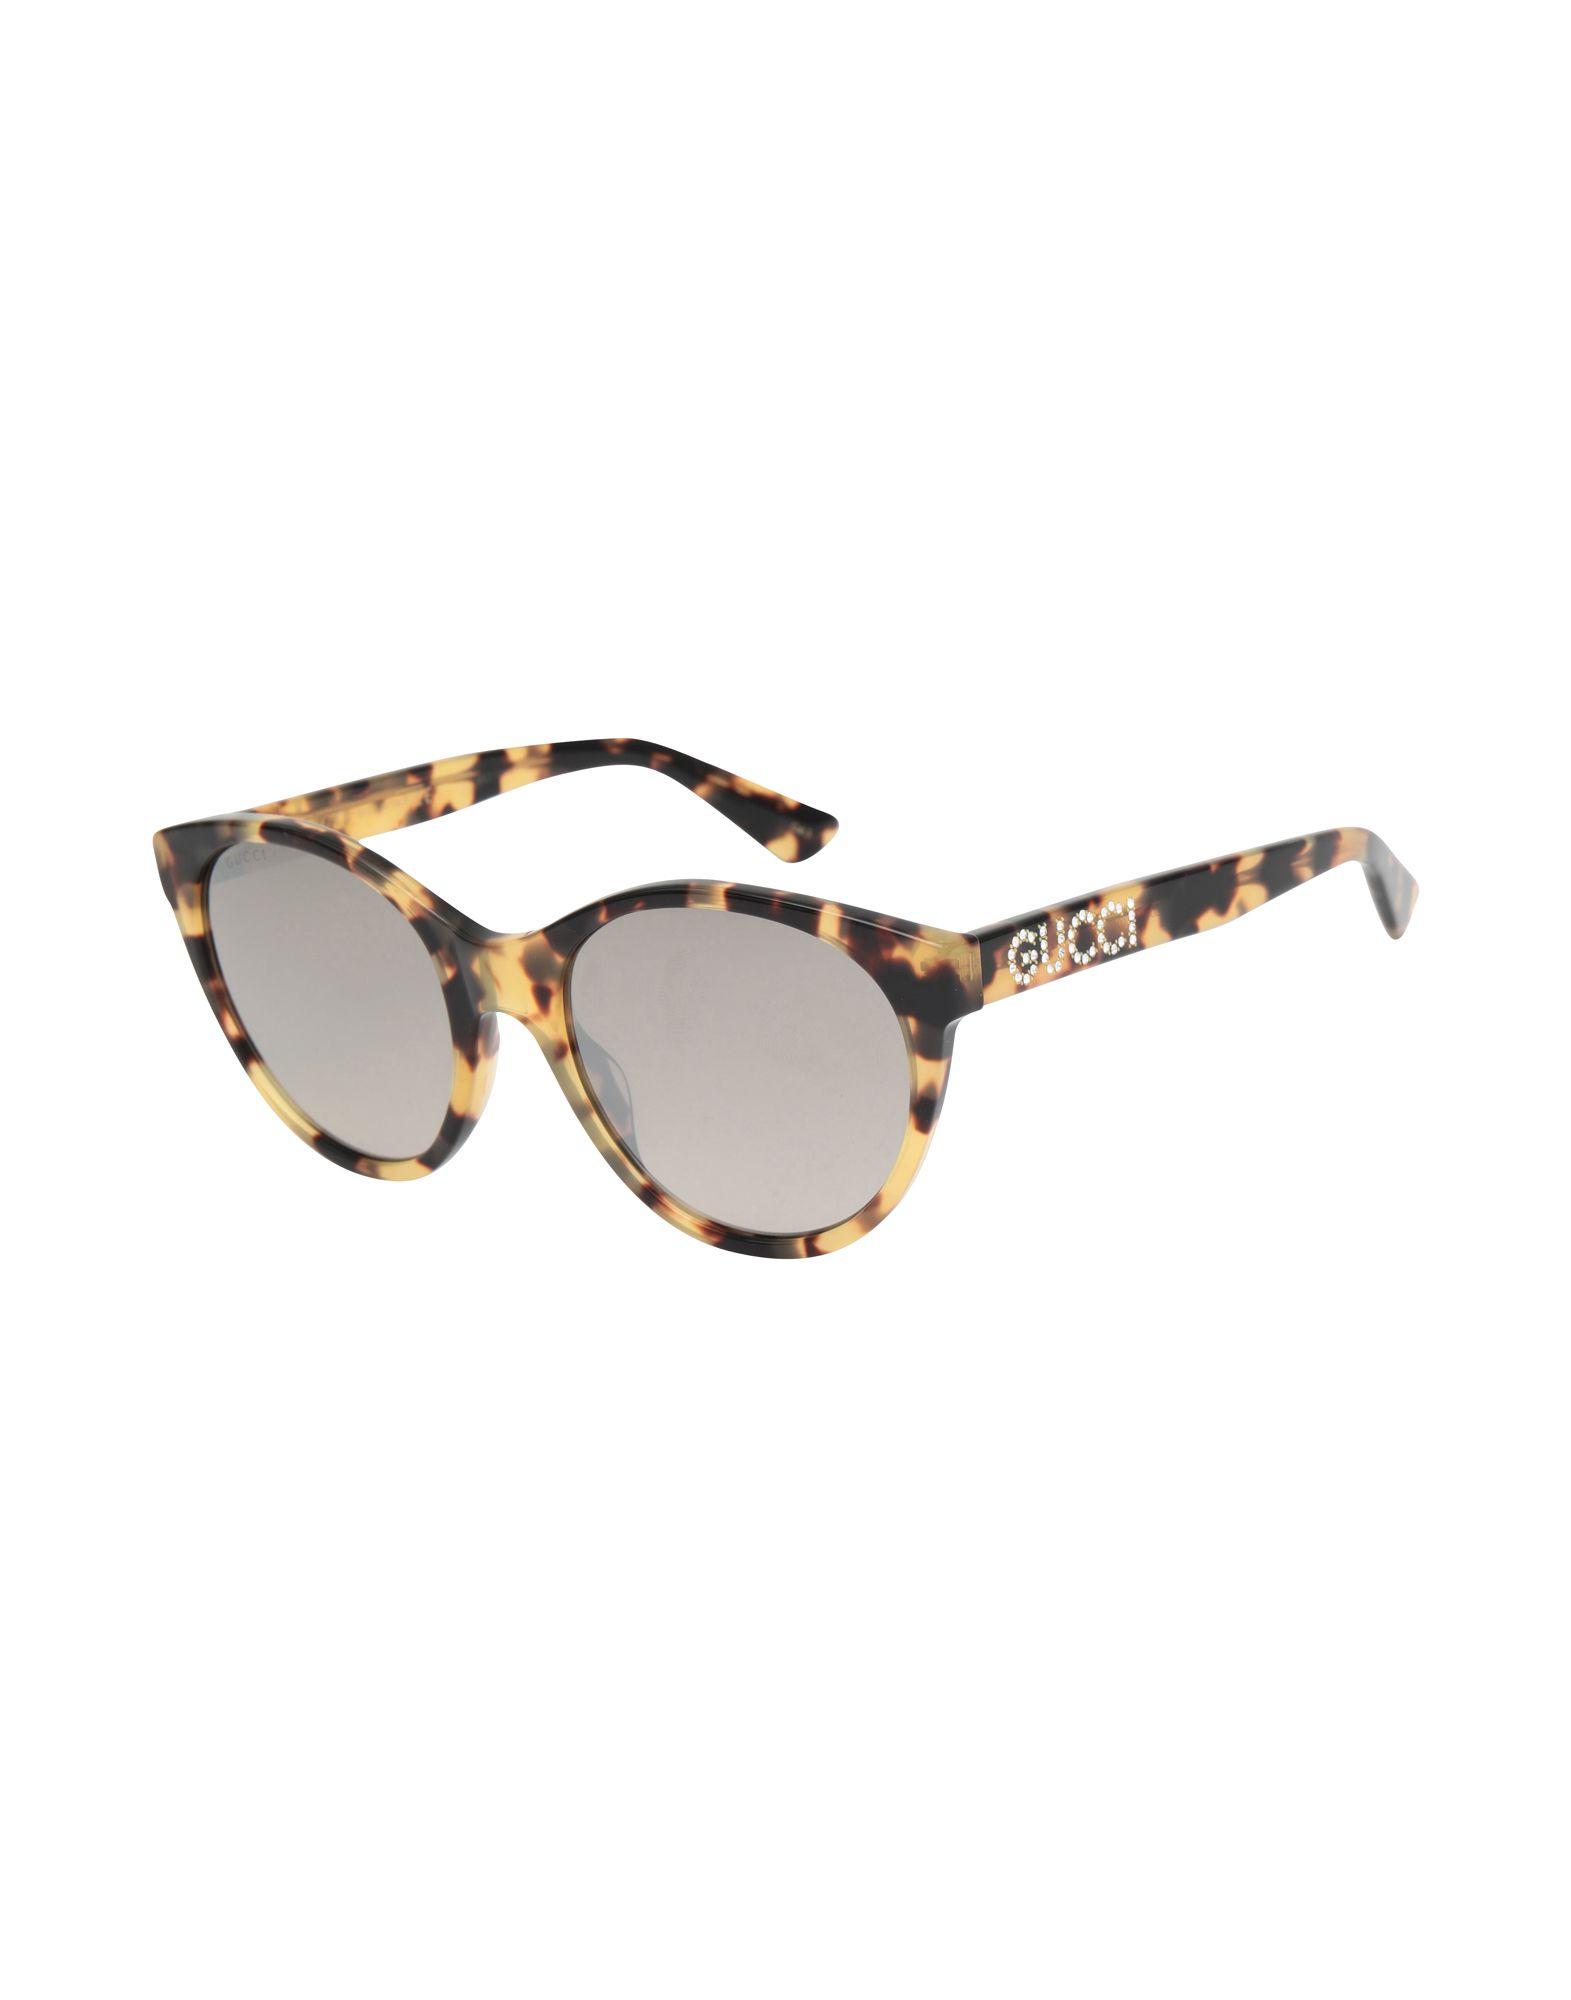 GUCCI Солнечные очки arena tracks mirror арт 9237055 зеркальные линзы